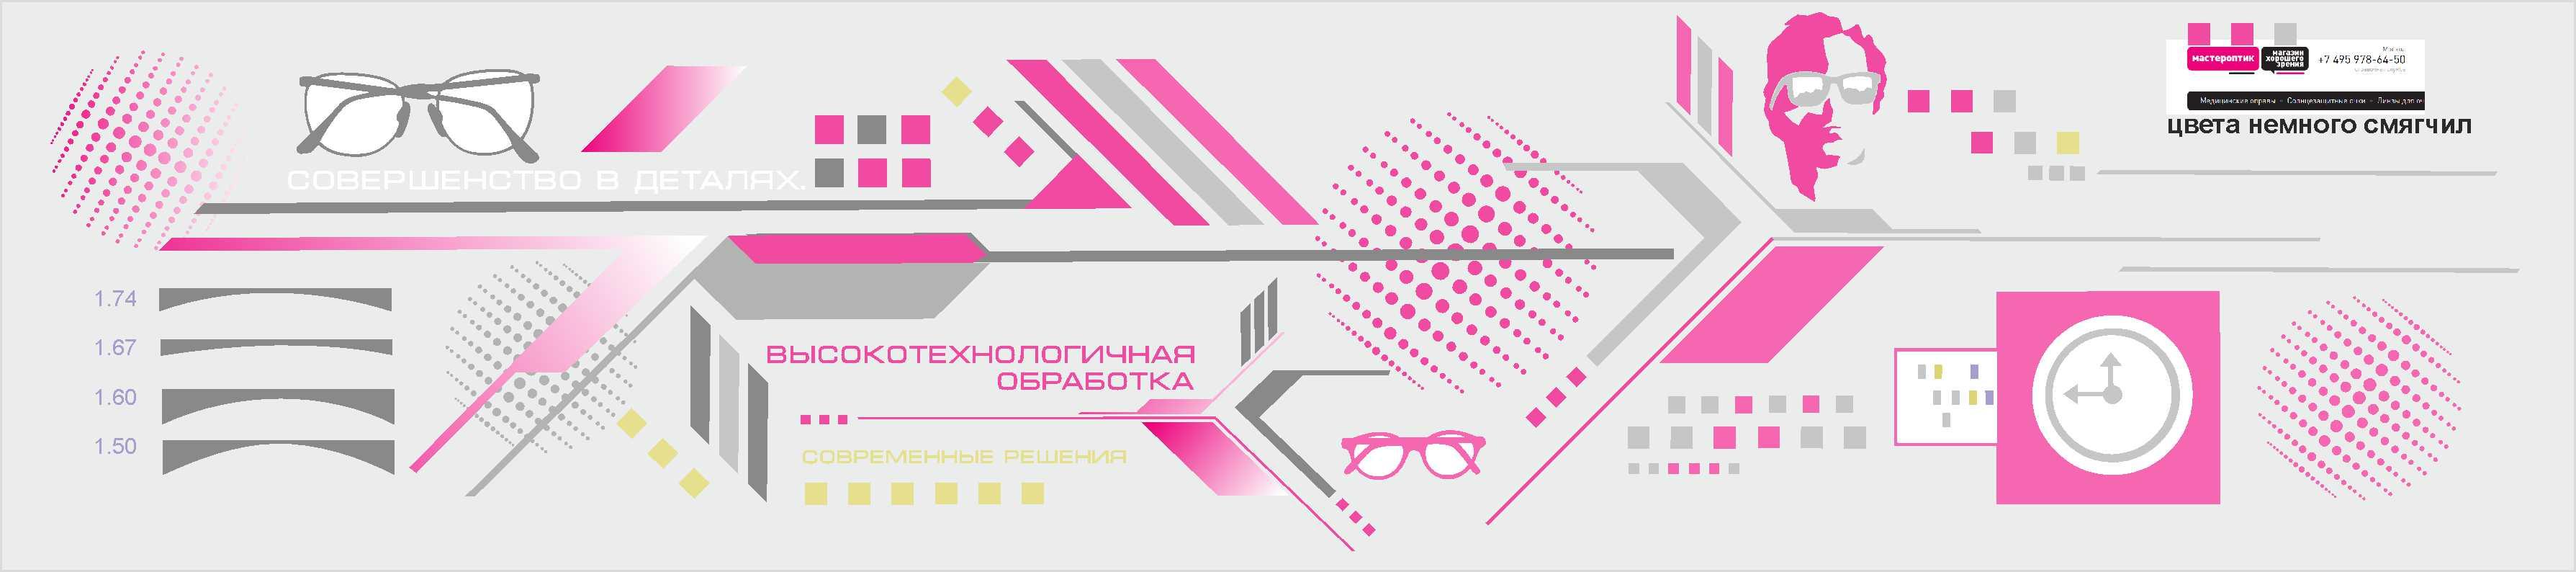 Создание нескольких графических панно для оптической компани фото f_9735900135c5297c.jpg